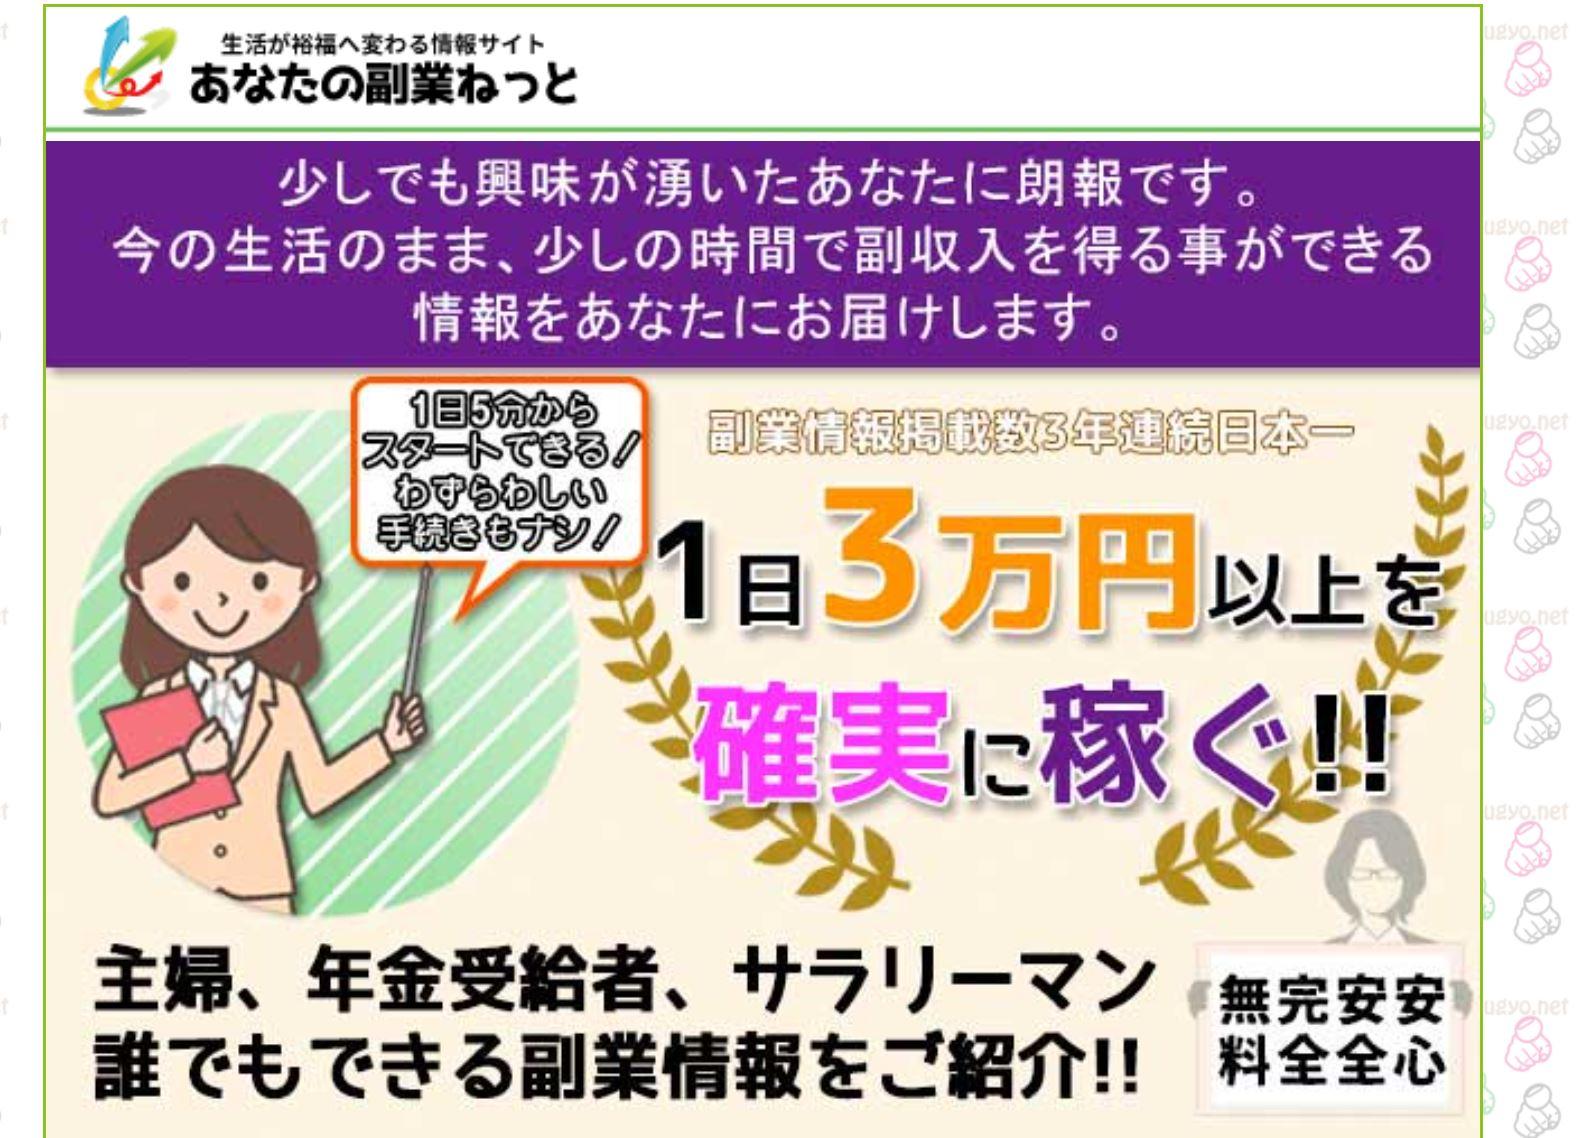 あなたの副業ねっとは詐欺か?1日5分で3万円以上が確実に稼げる?